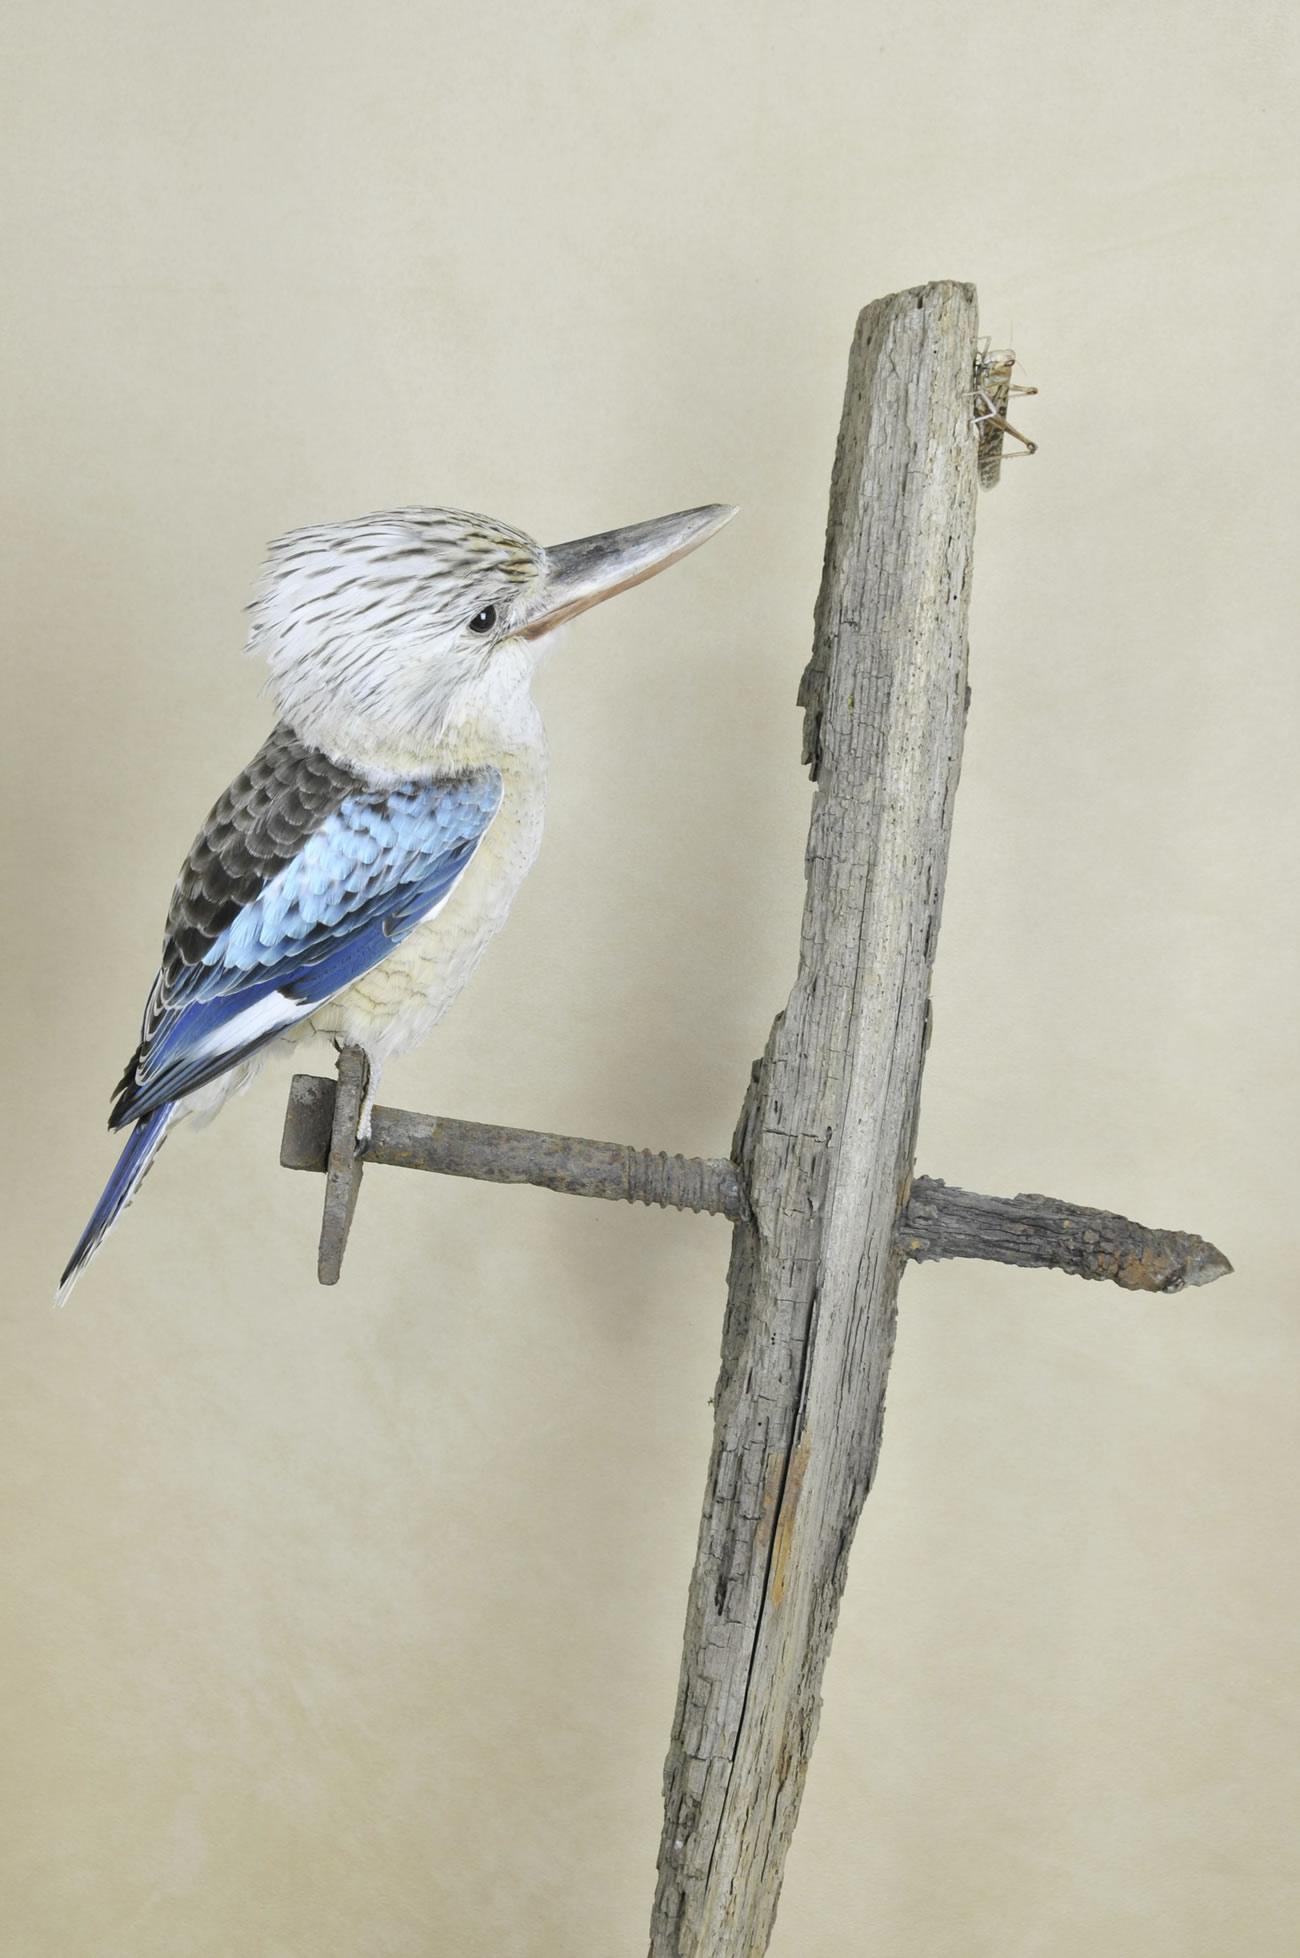 Kookaburra taxidermy 7